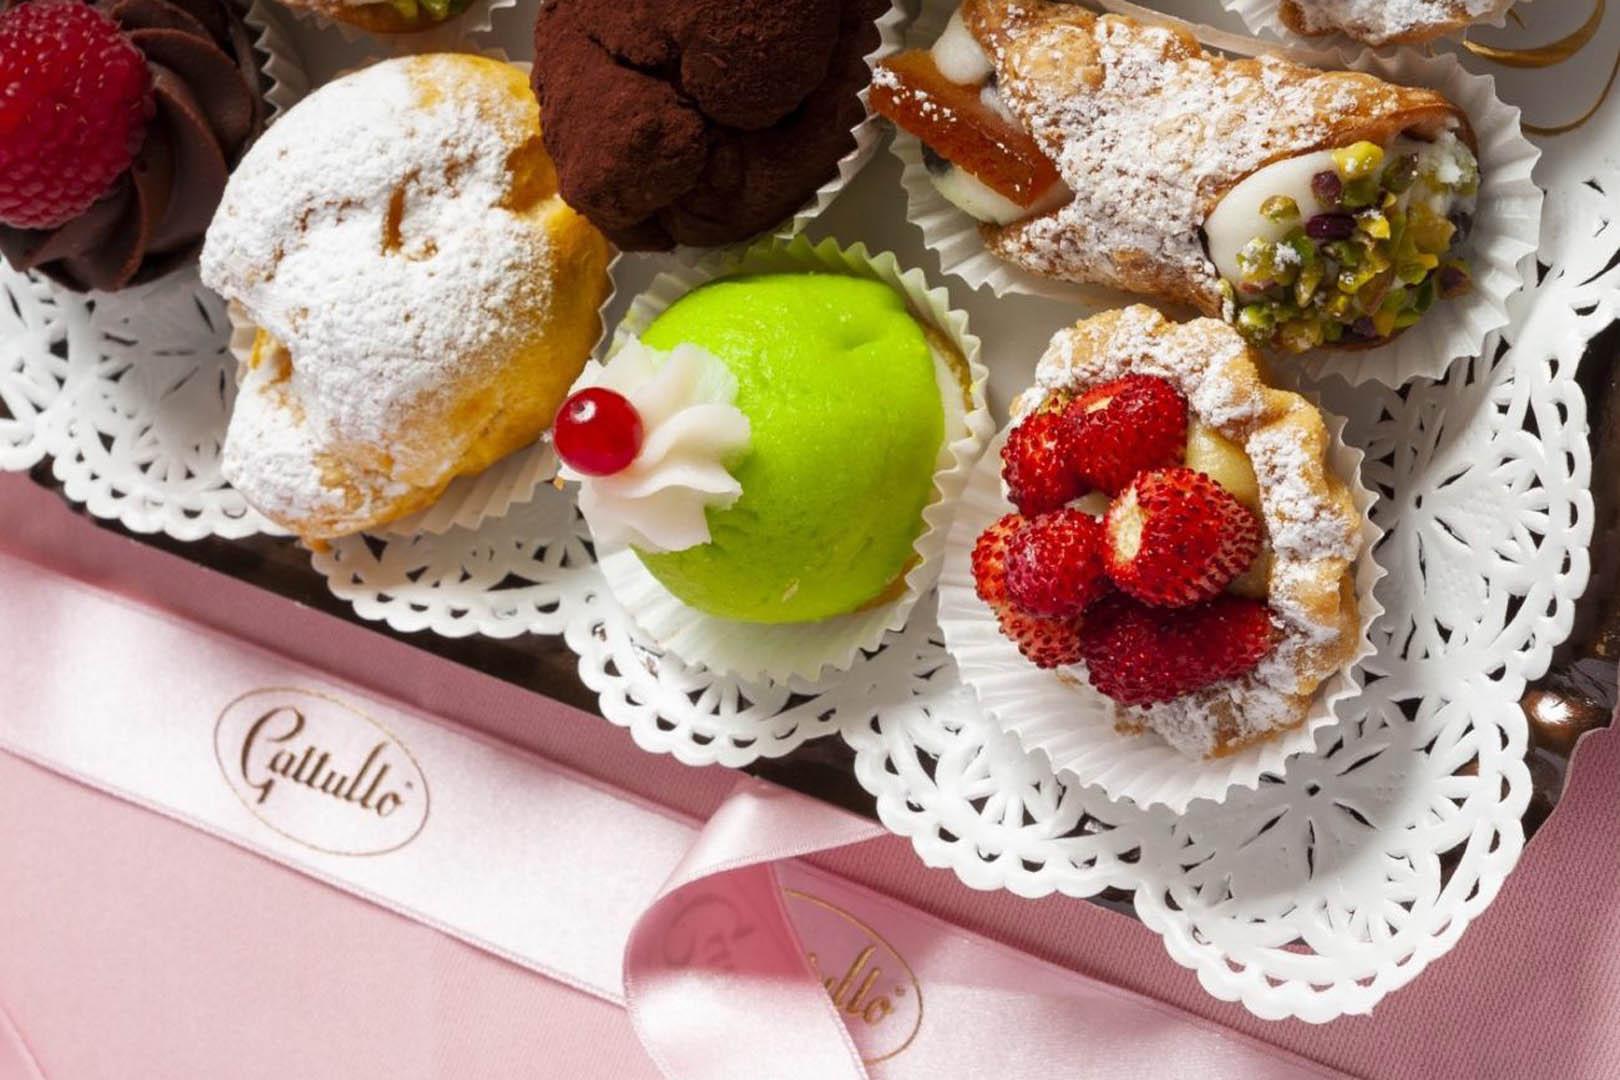 Le 10 Migliori Pasticcerie di Milano con Consegna a Domicilio